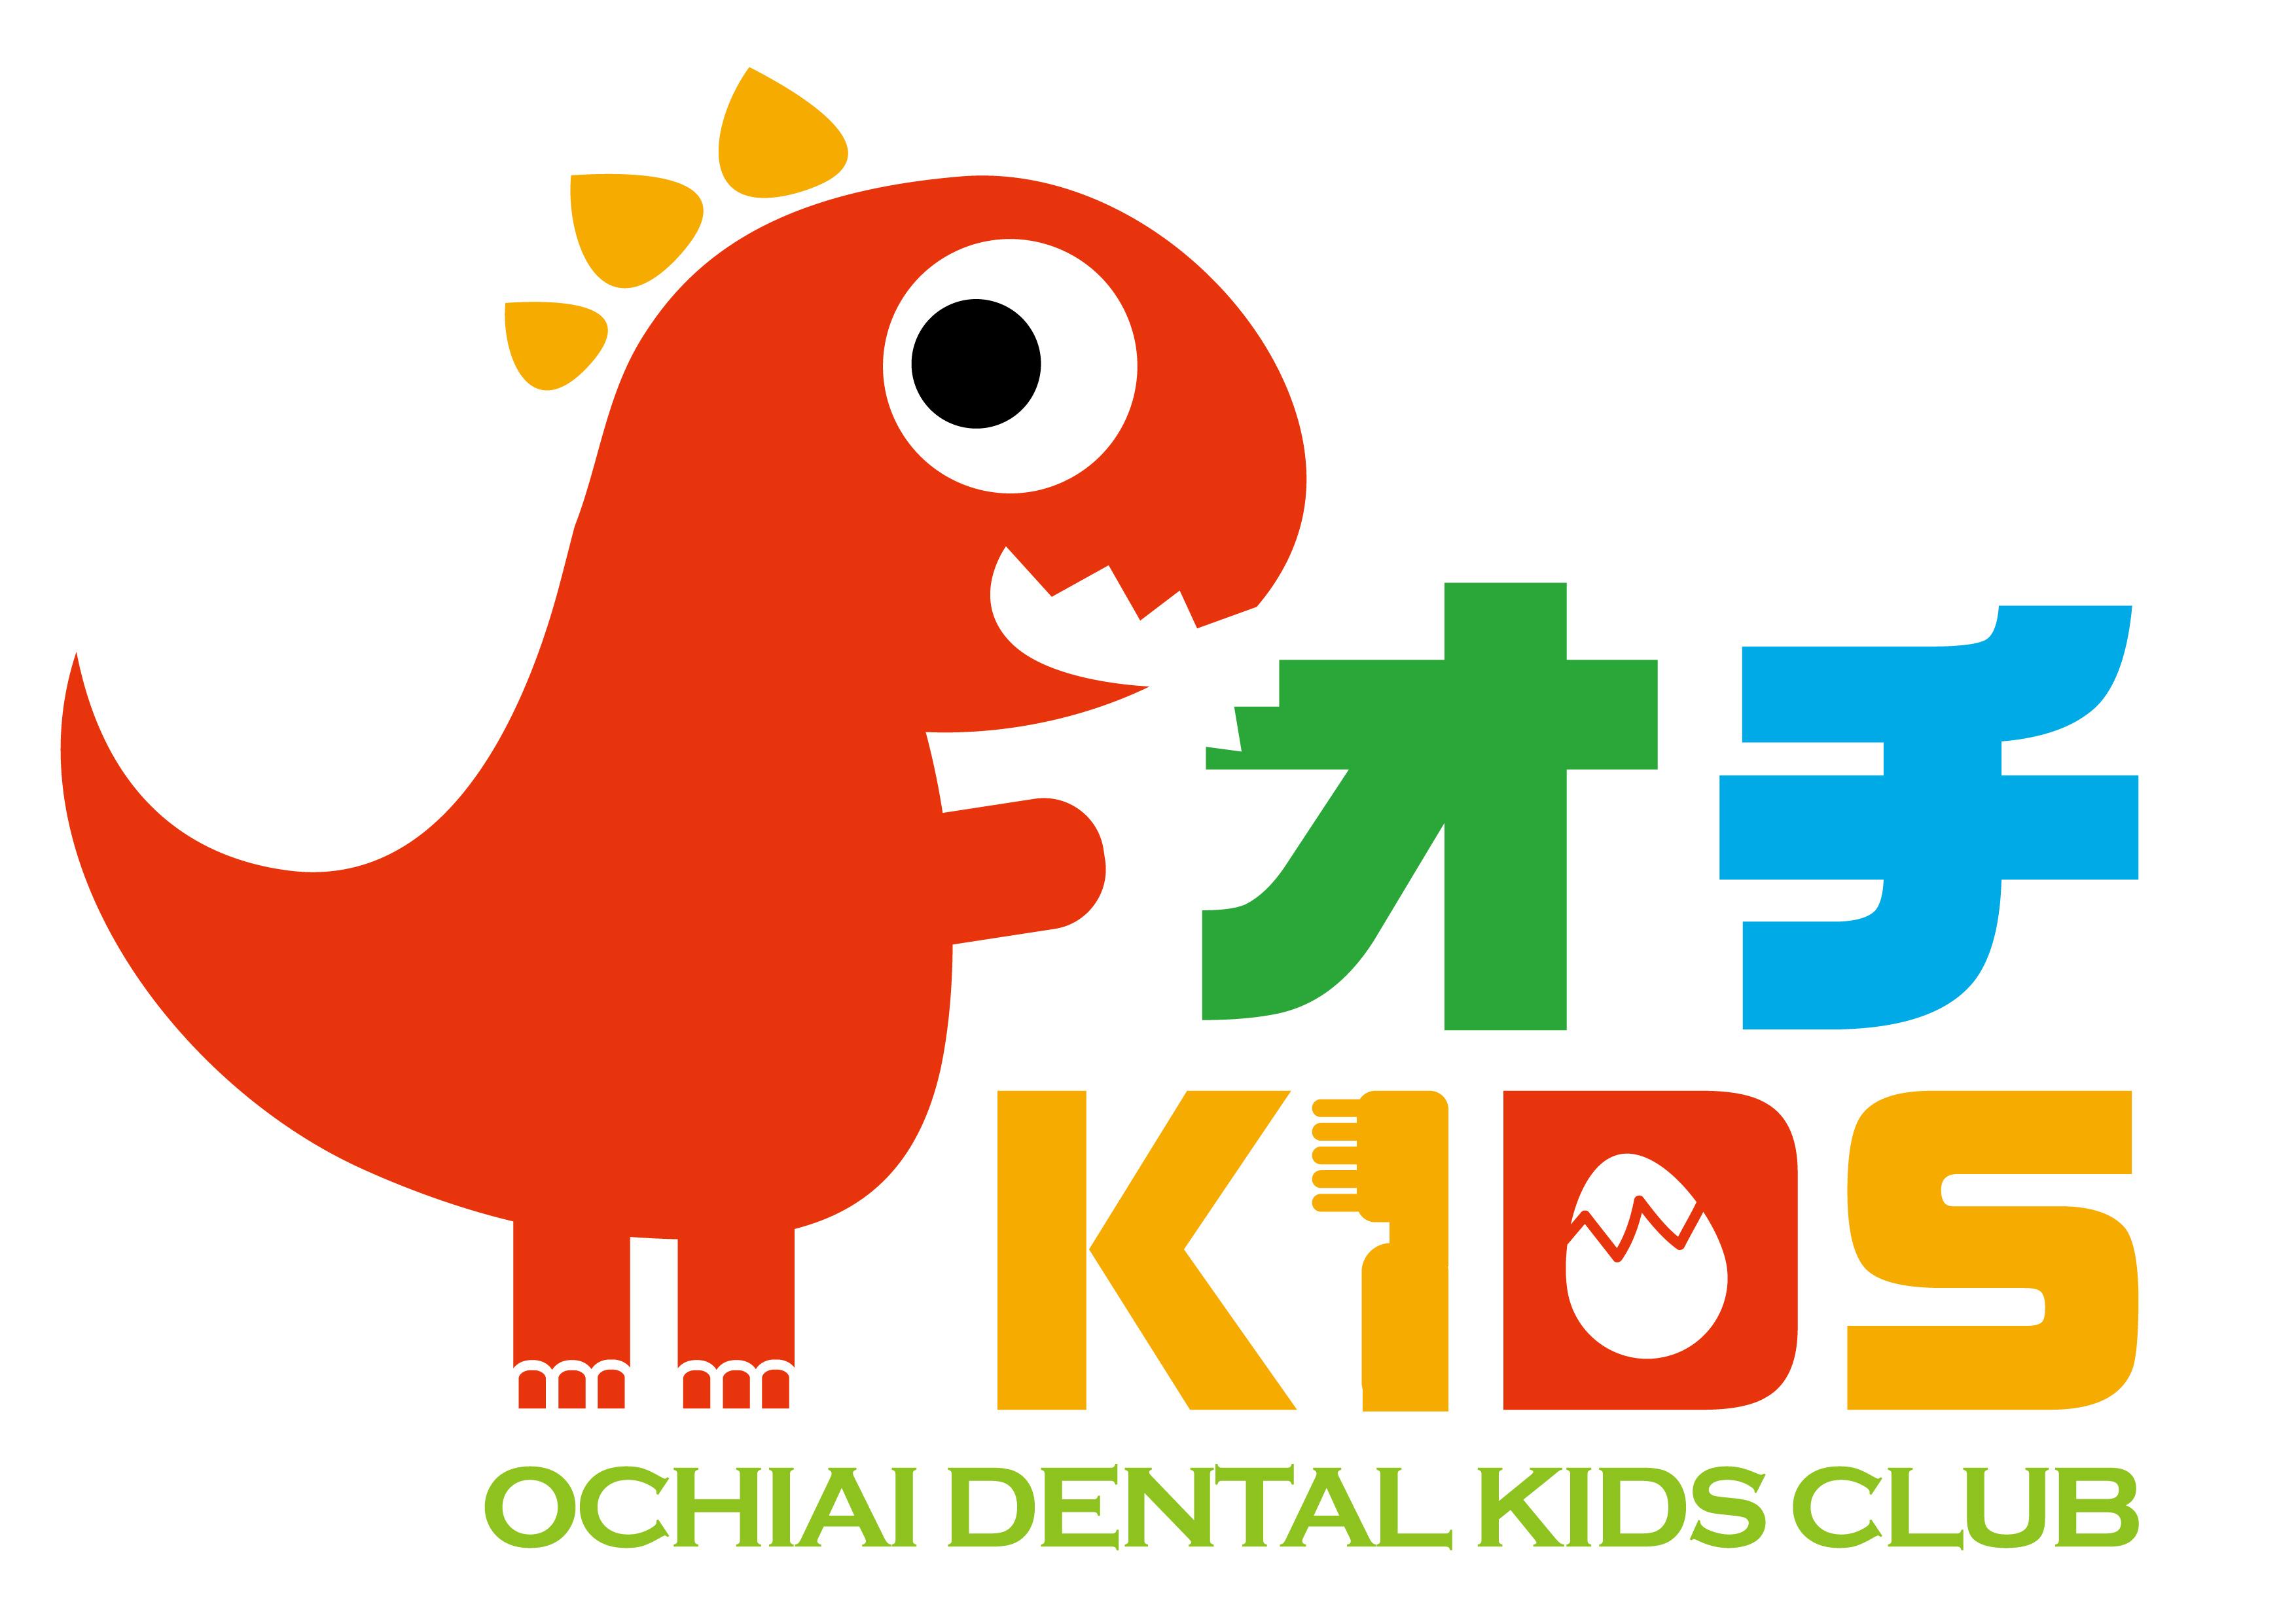 OCHI_KIDS final